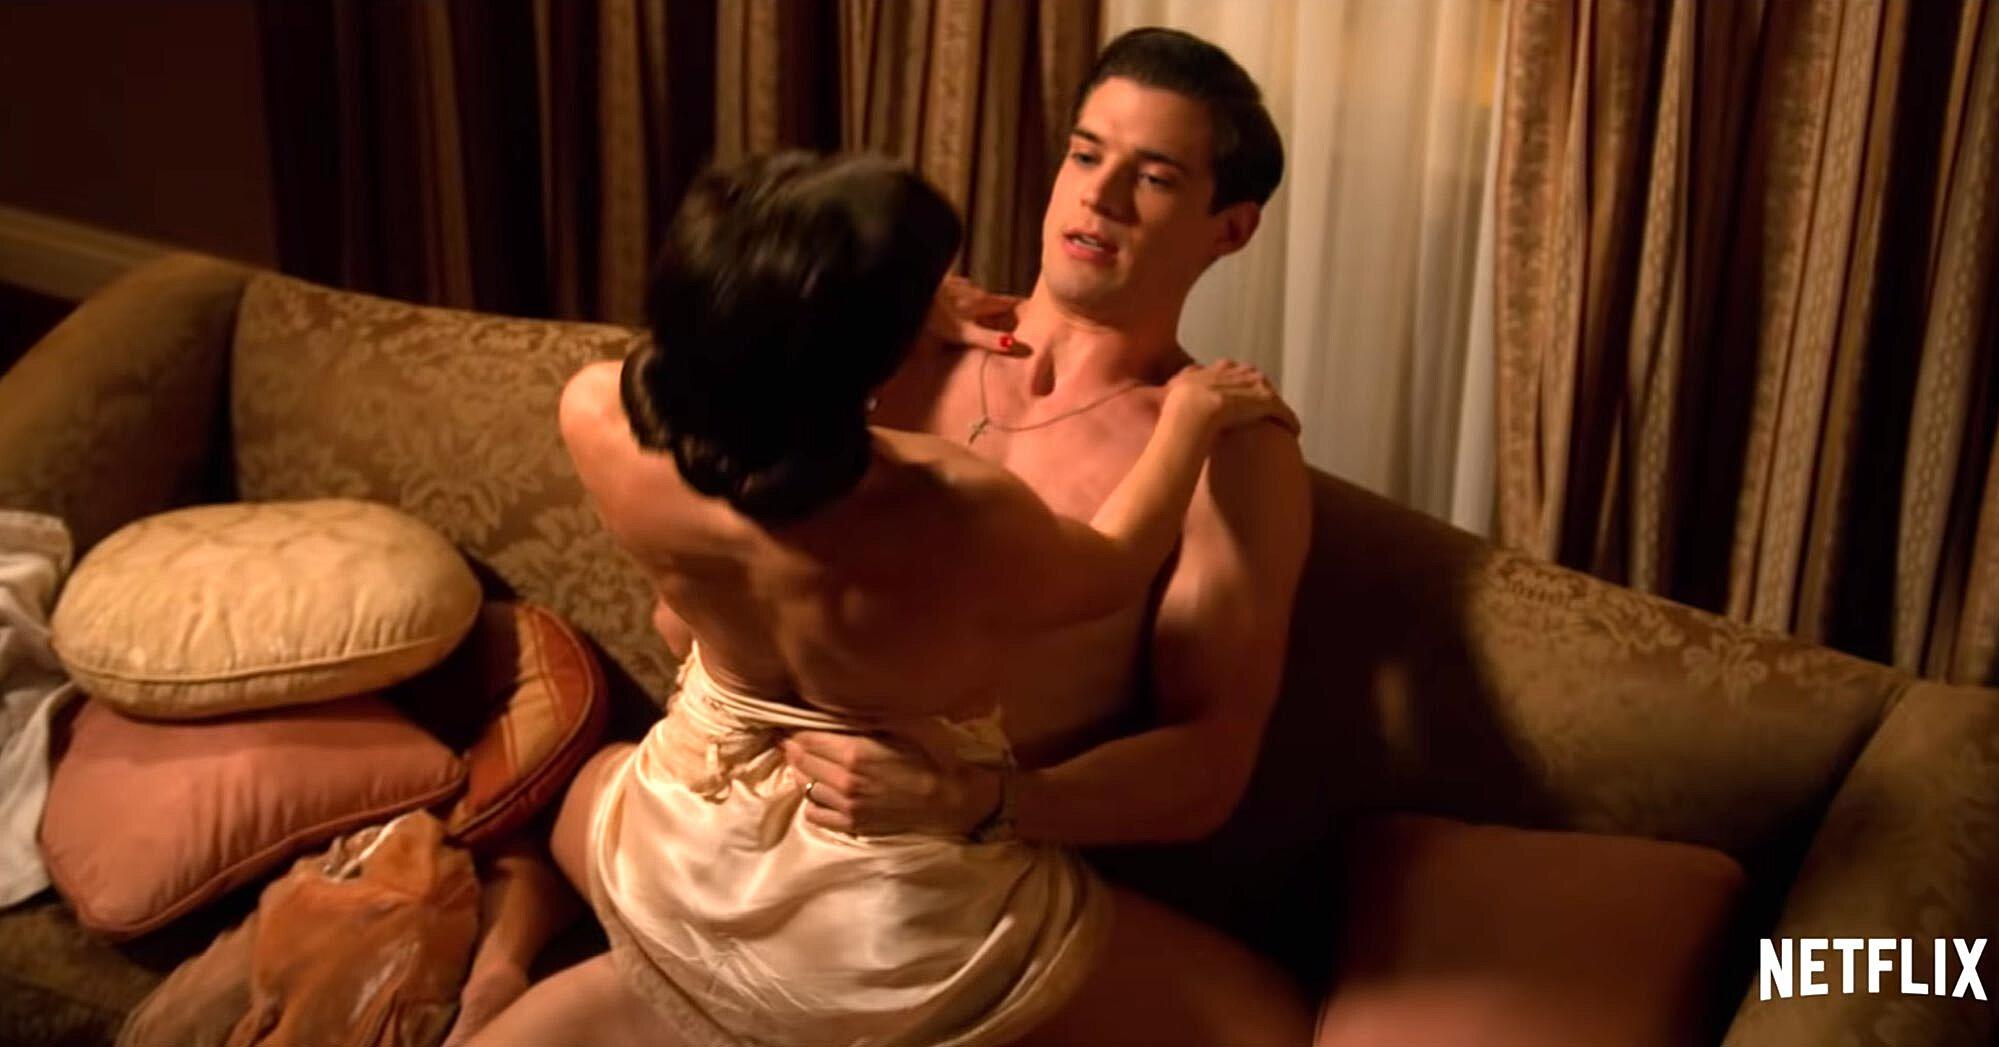 Sex movies 2020